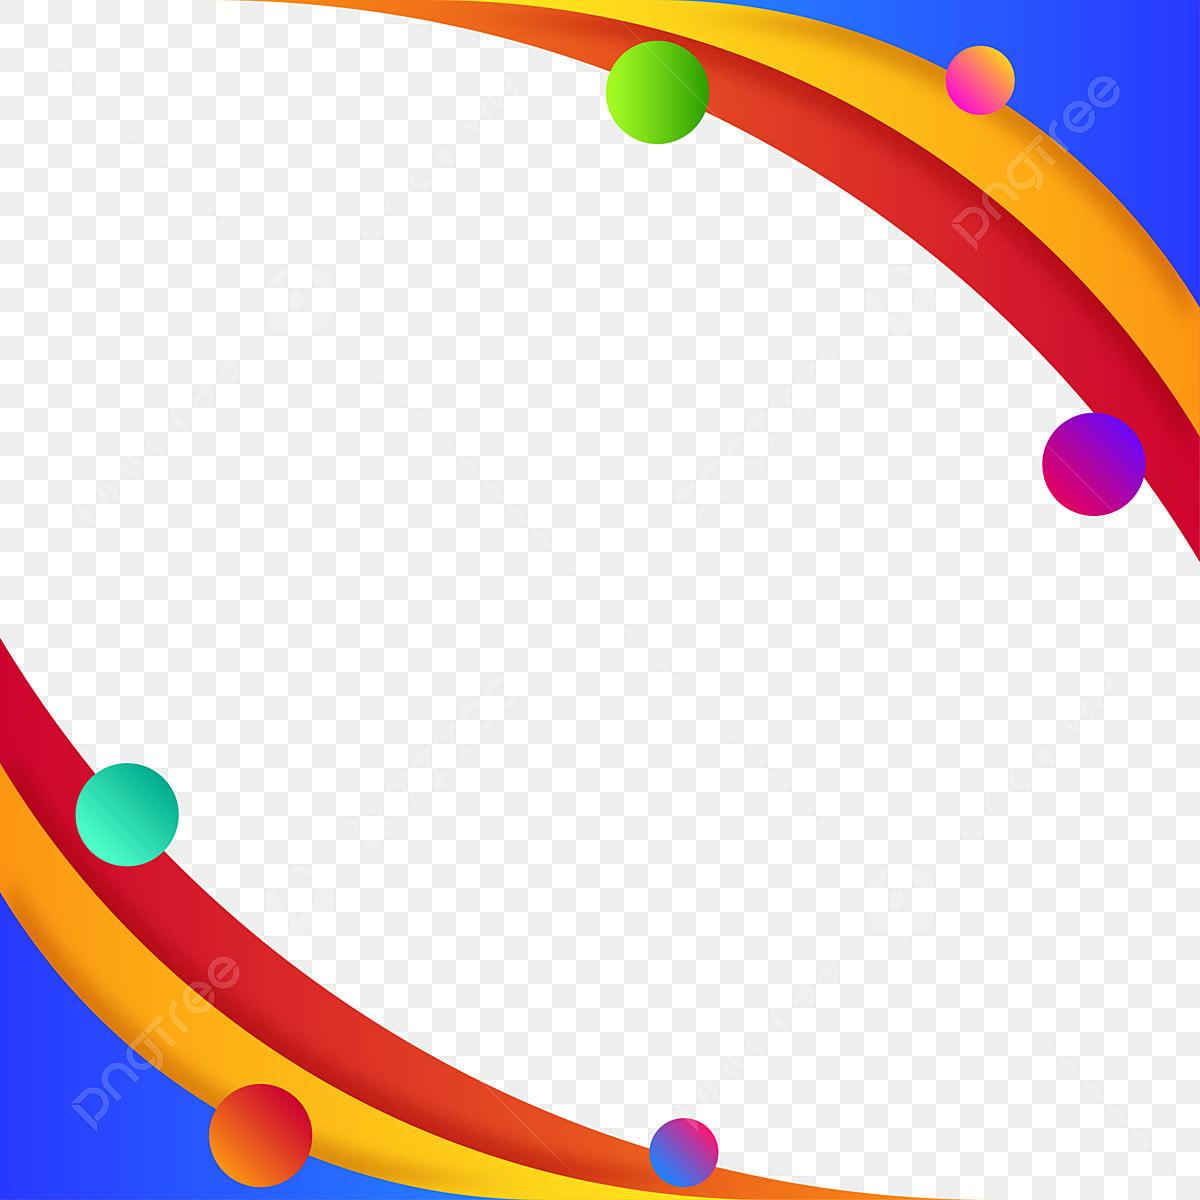 إطارات هندسية ملونة مع تكوين دائرة التوضيح خلفية دائرة نبذة مختصرة Png والمتجهات للتحميل مجانا